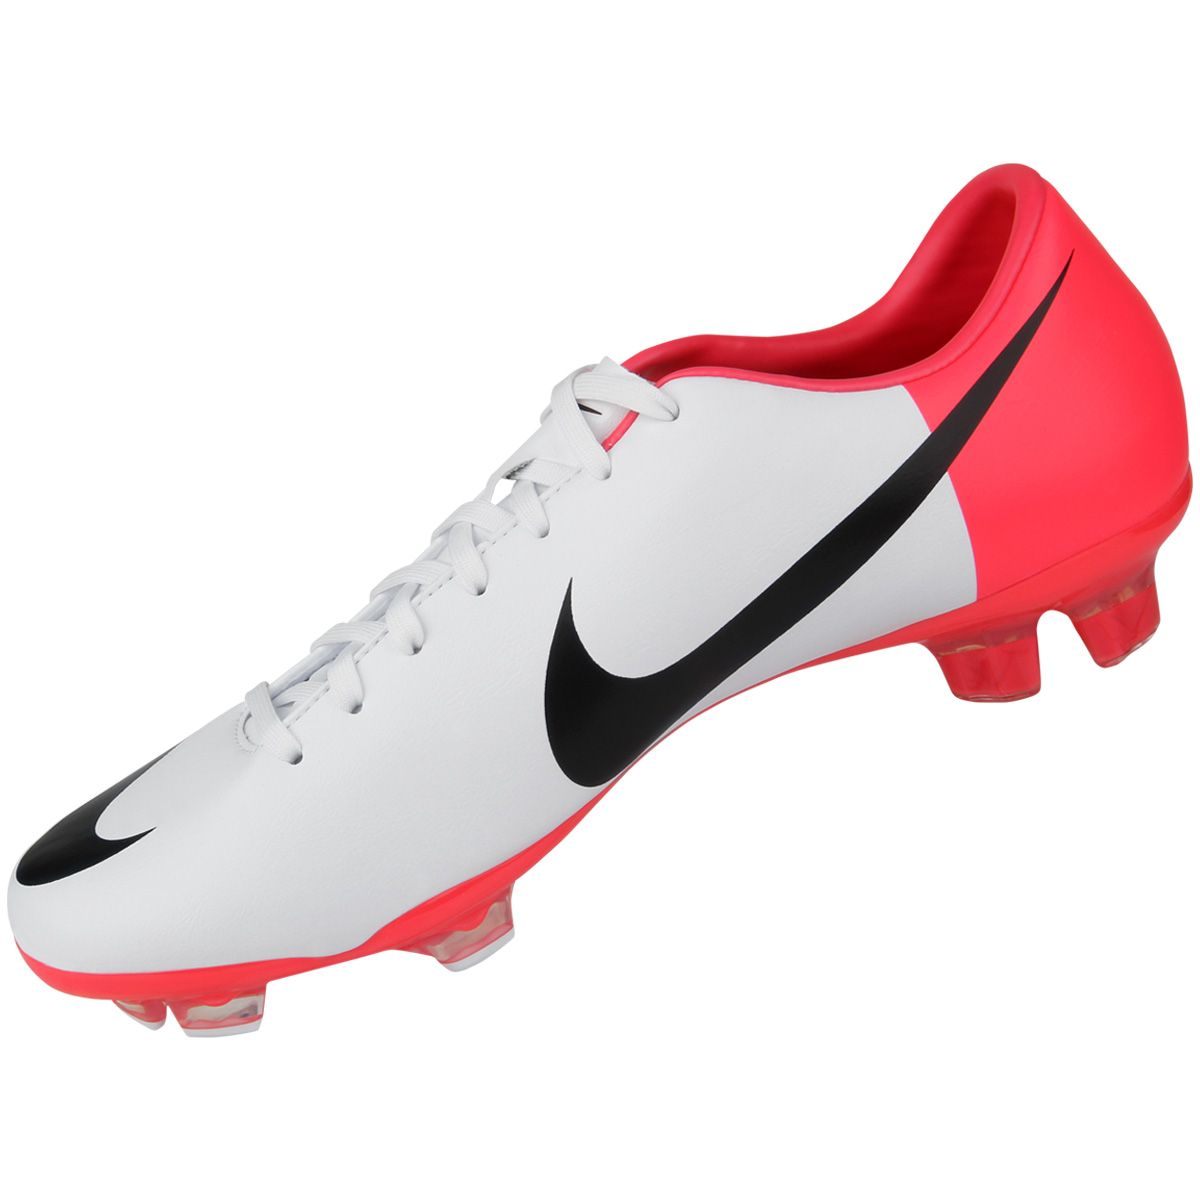 e97c15a2c Botines Nike Mercurial Glide 3 FG - Netshoes